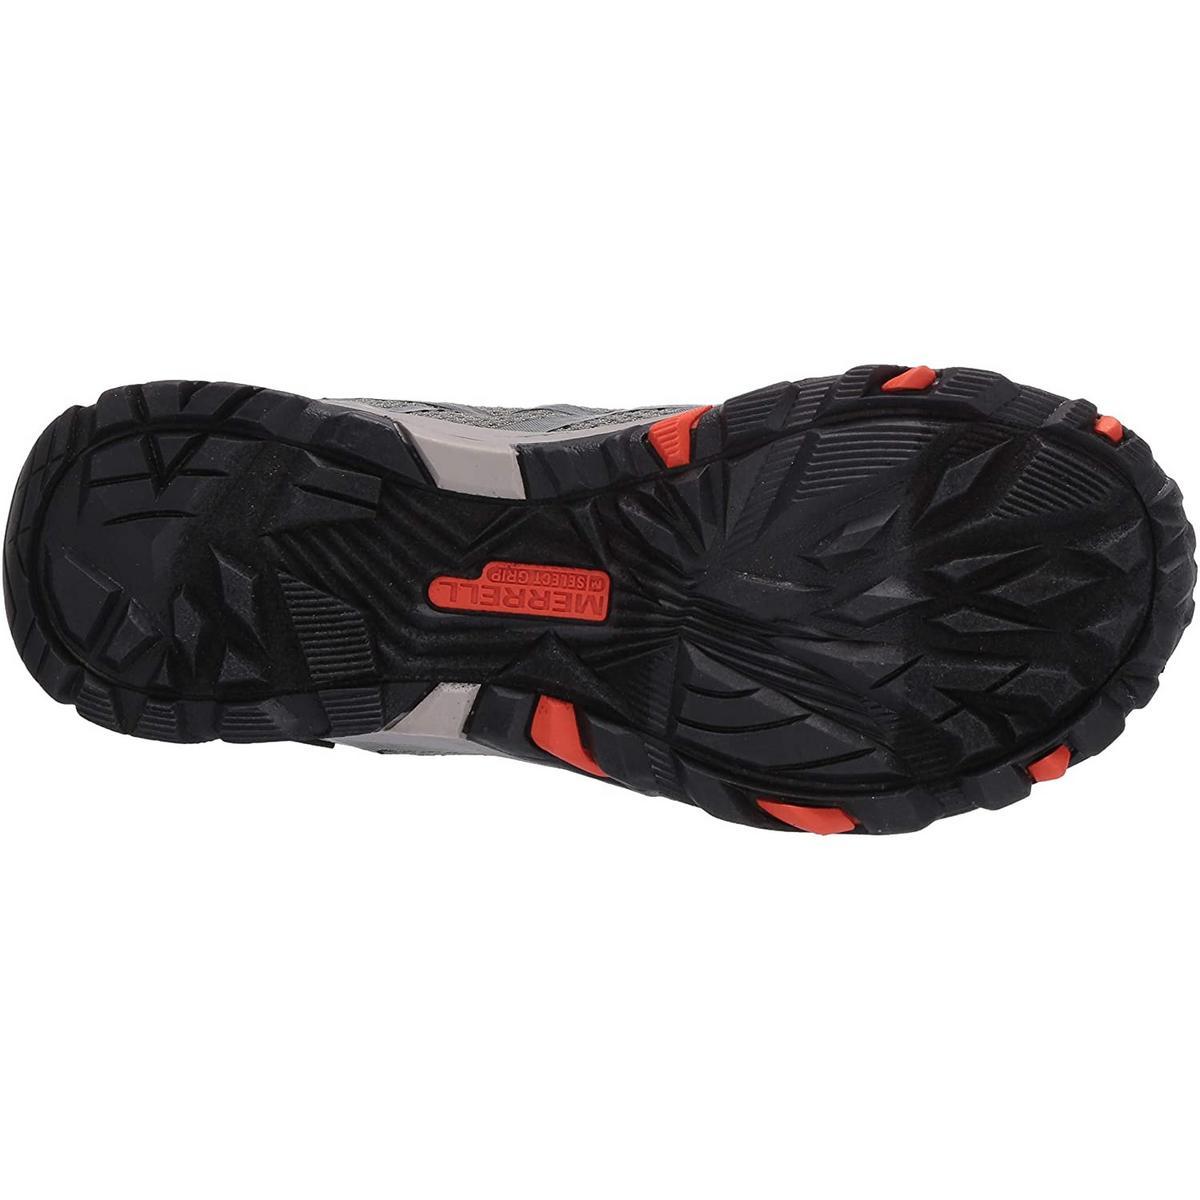 Merrell Kids Moab FST Mid A/C Waterproof - Orange / Black